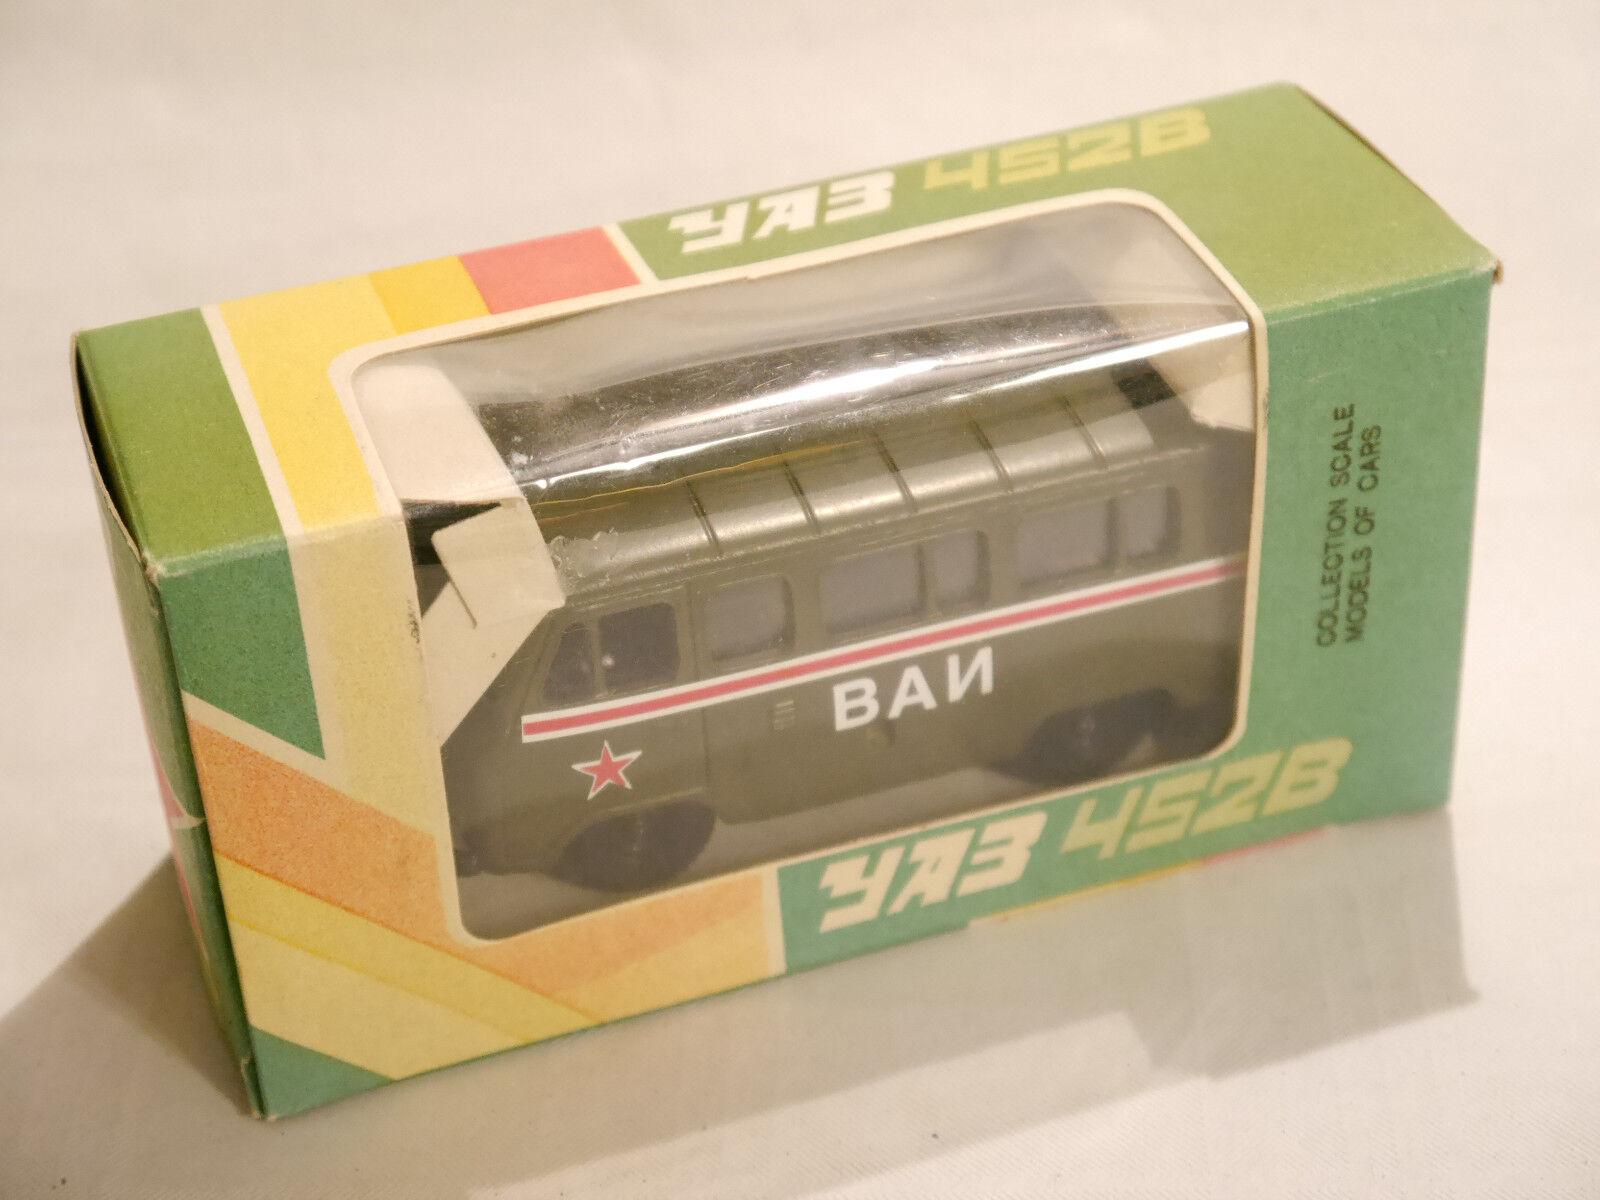 Uaz 452 b militärpolizei verbot   vai radon novoexport udssr cccp 1 43 geboxt.